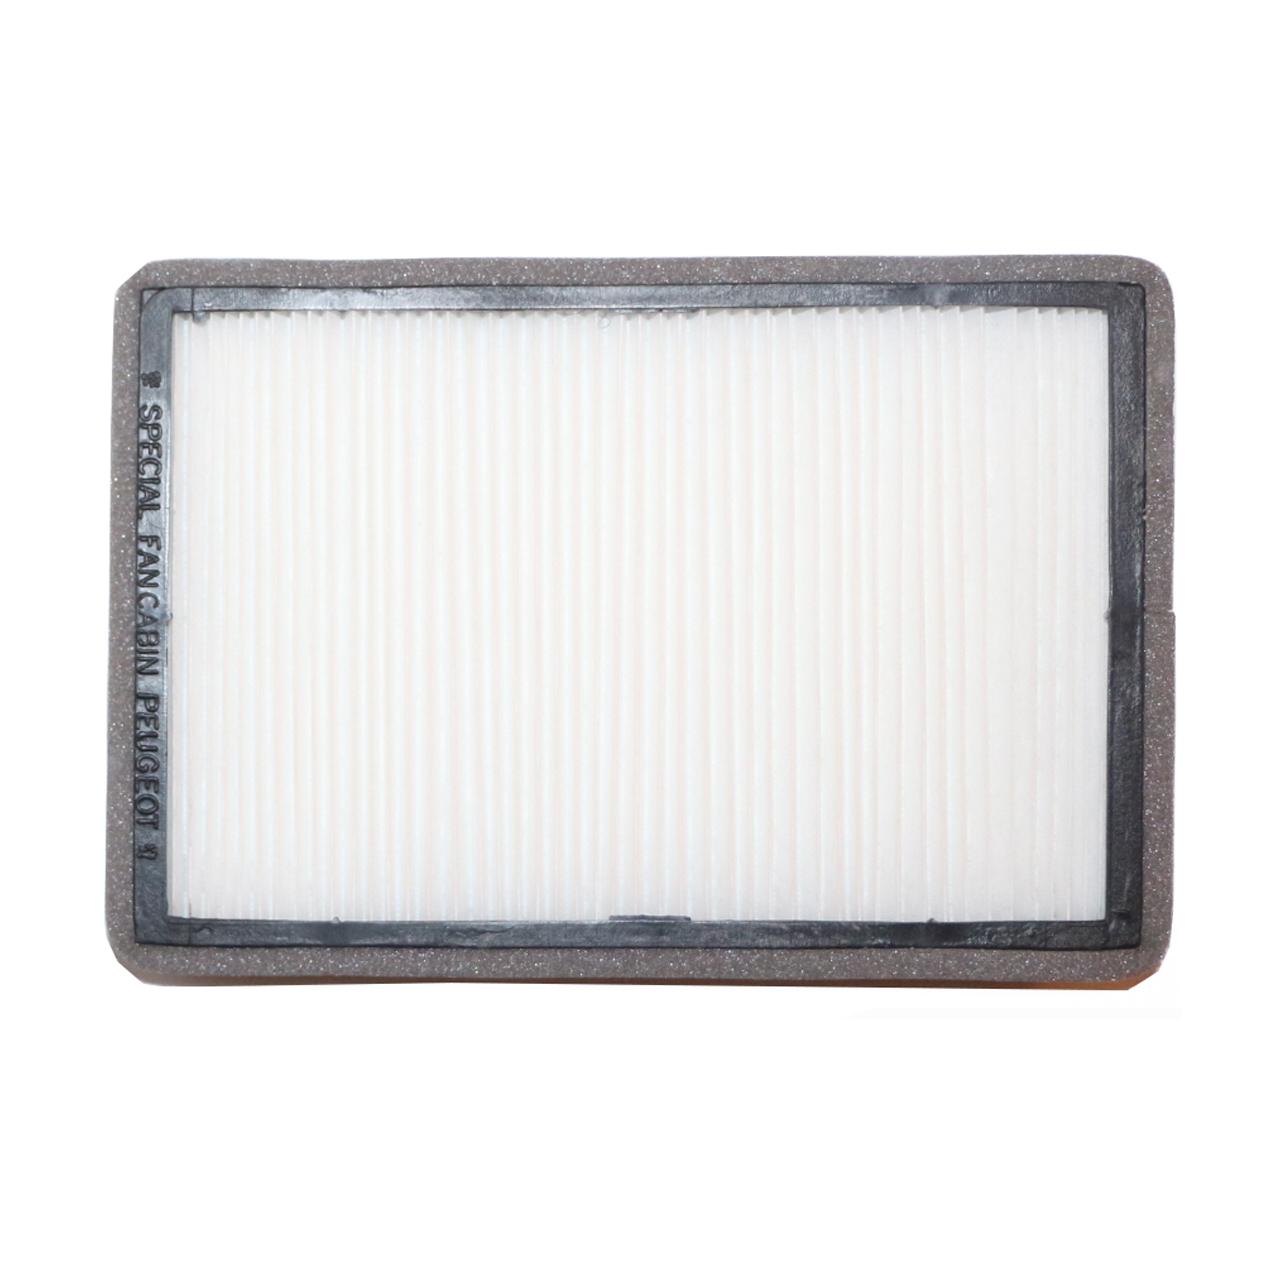 فیلتر کابین خودرو مدل LC405 مناسب برای سمند